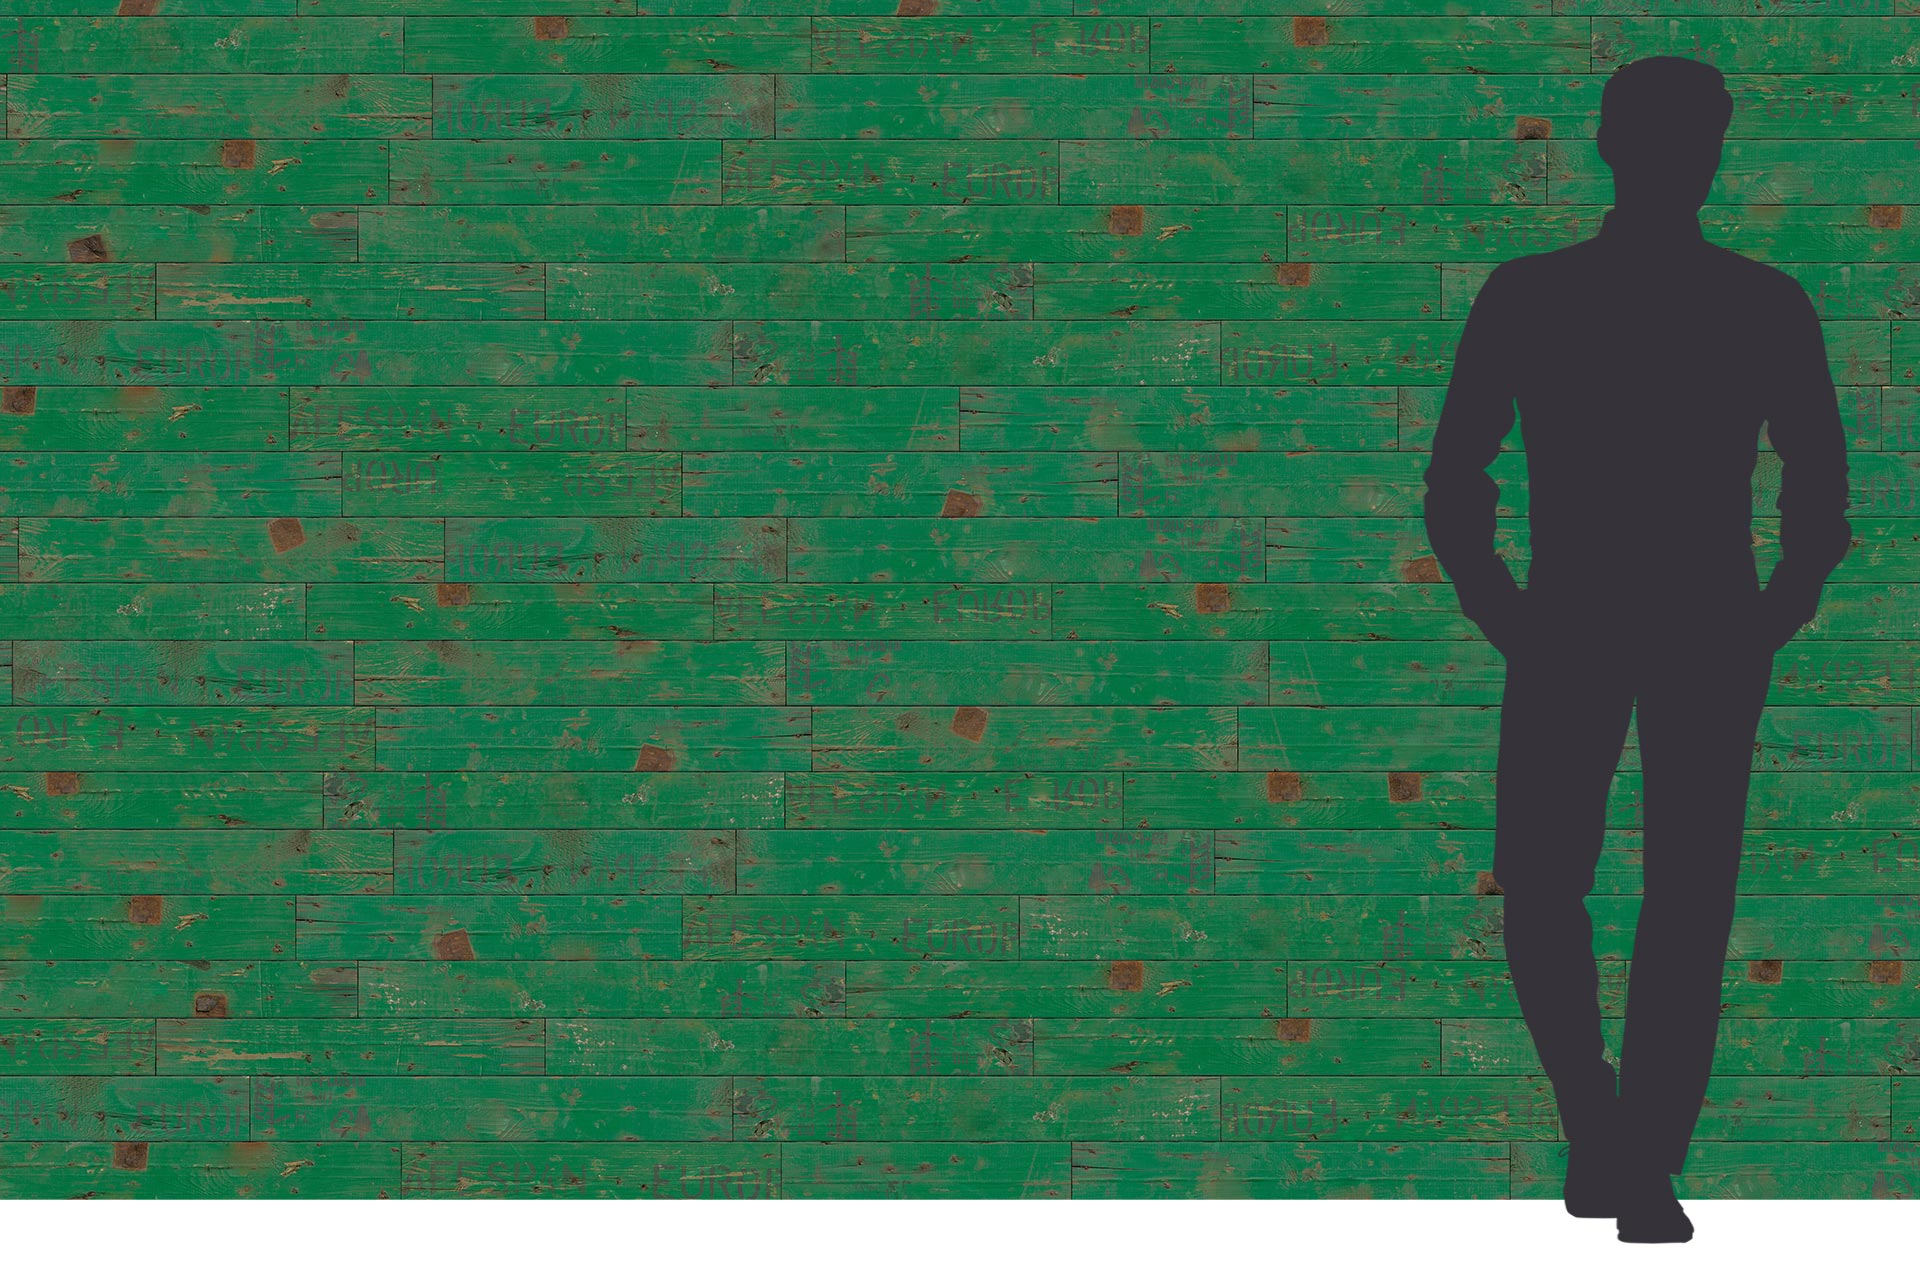 Grüne Holzbrett Optik auf Dreischichtplatte